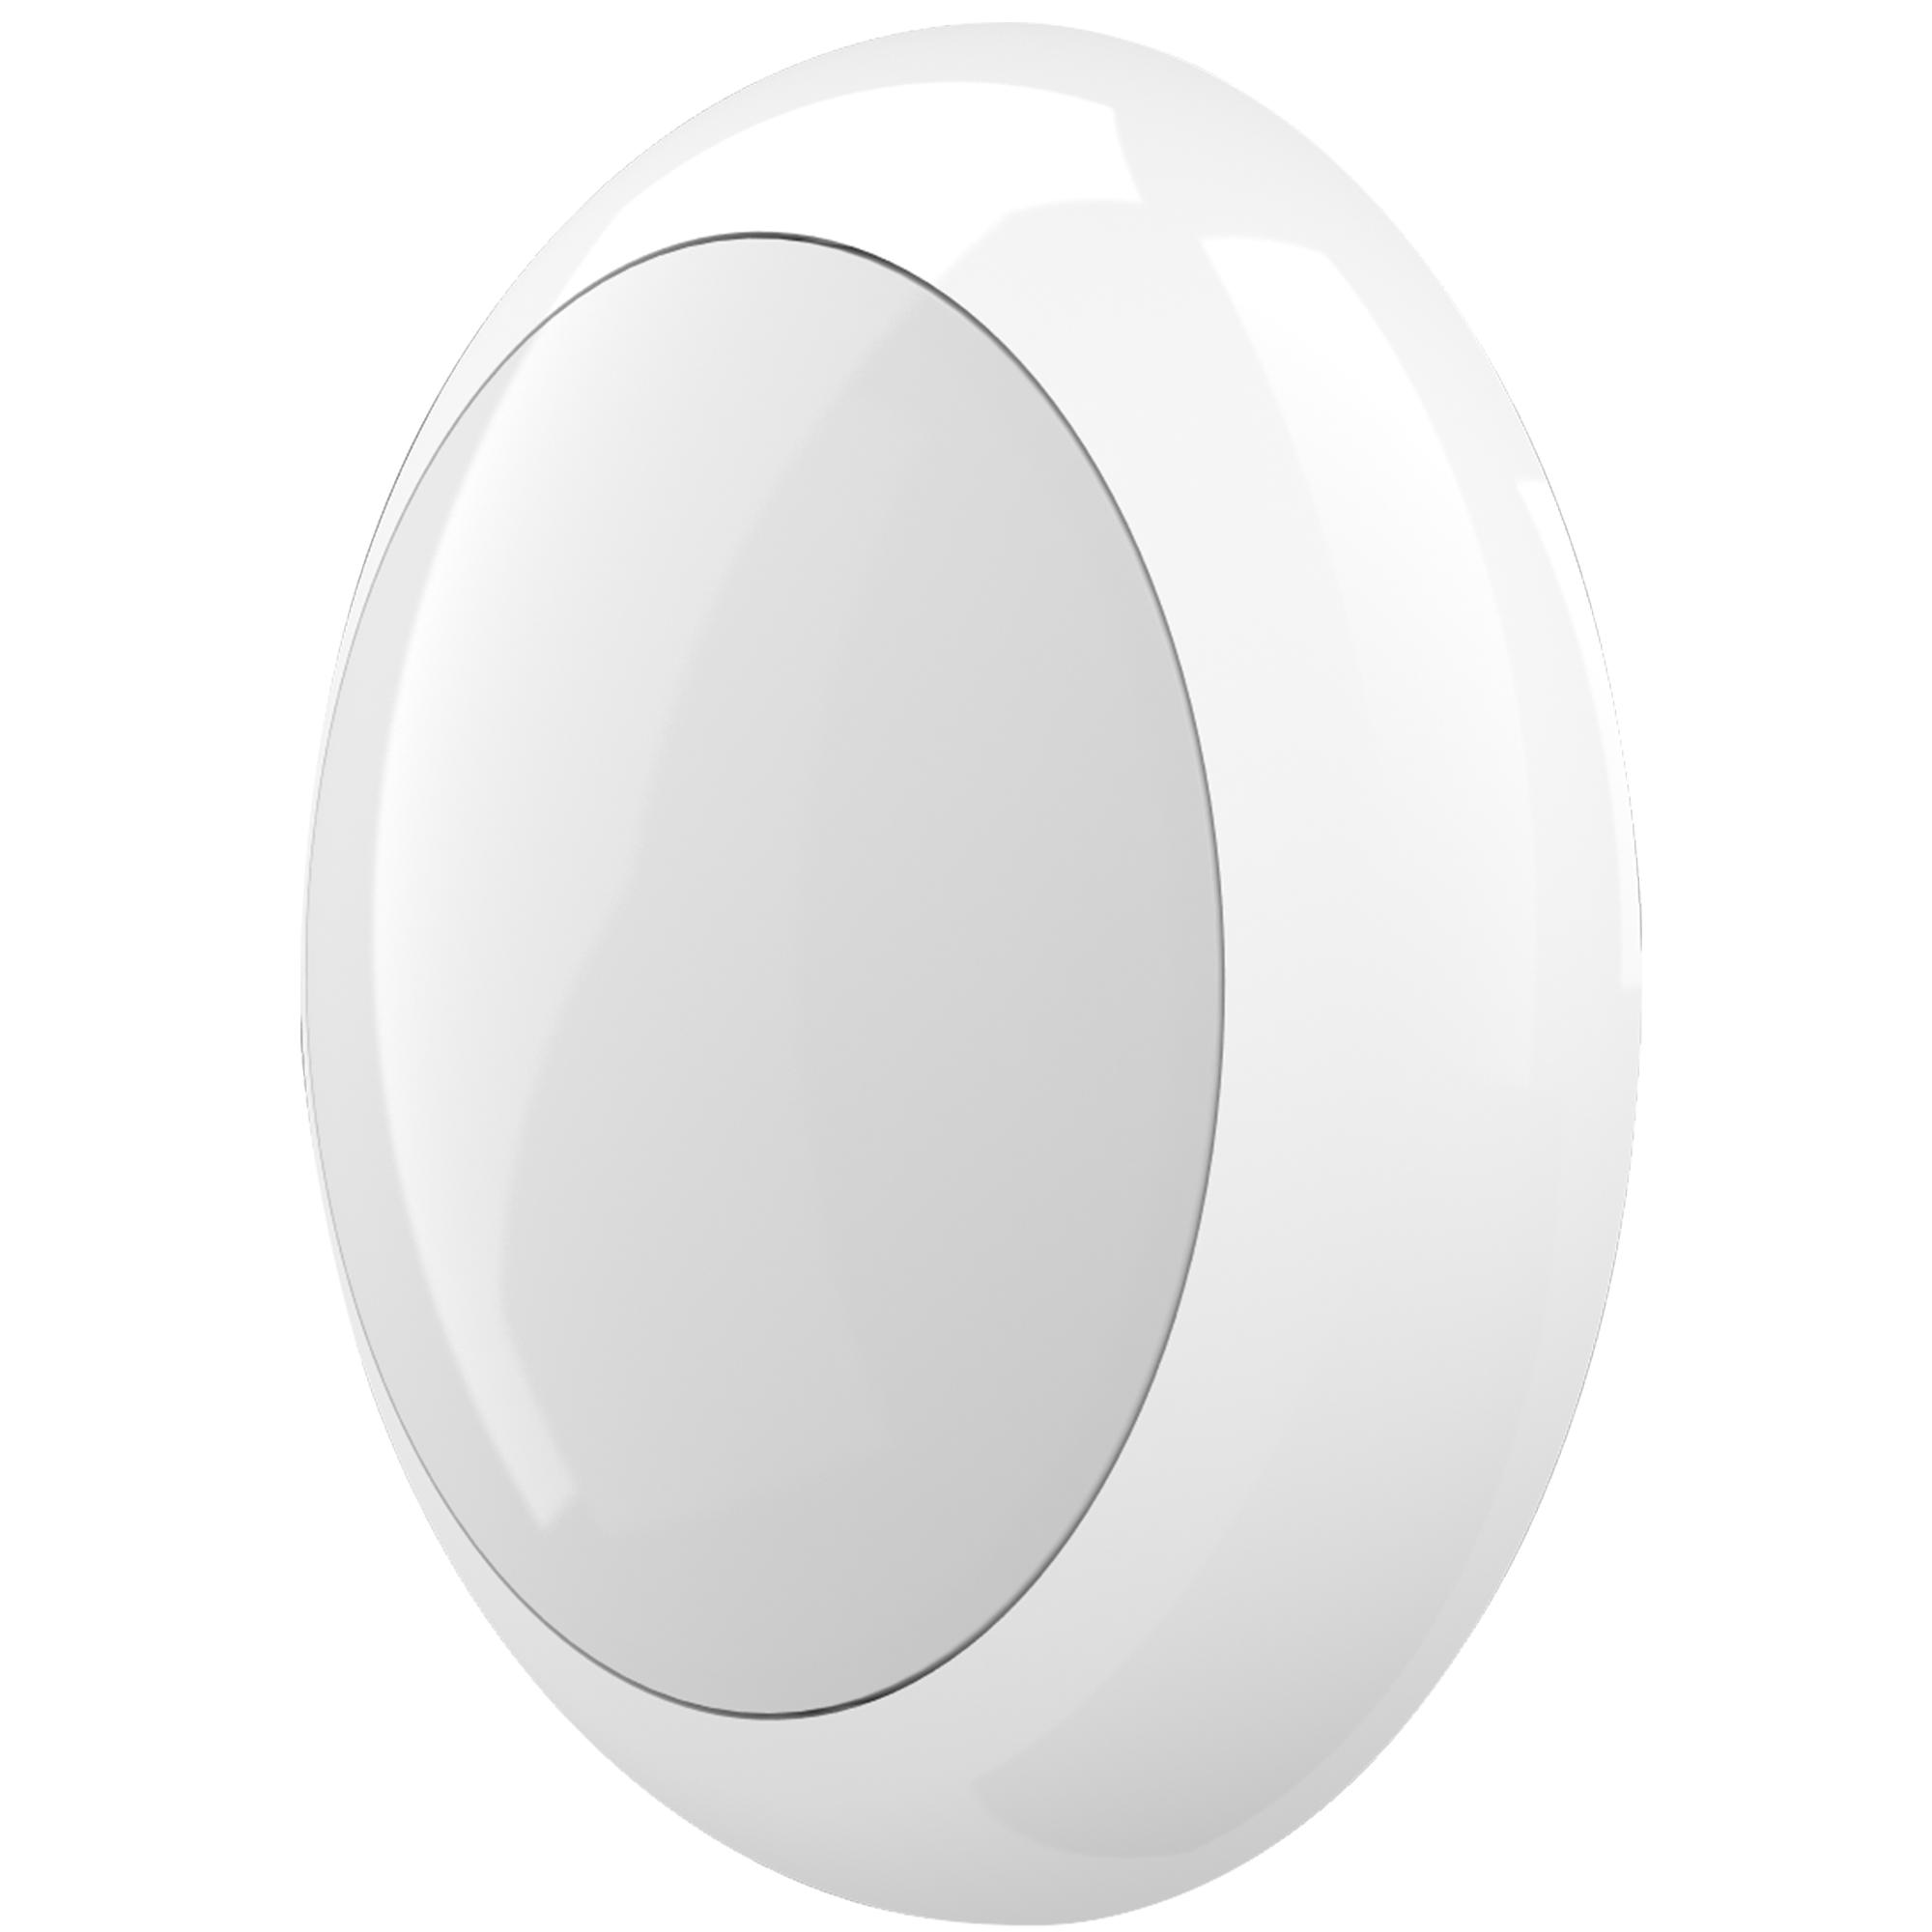 Hublot Vernosc T1 Blanc  LED 820 lm - Allumage Manuel ON/OFF